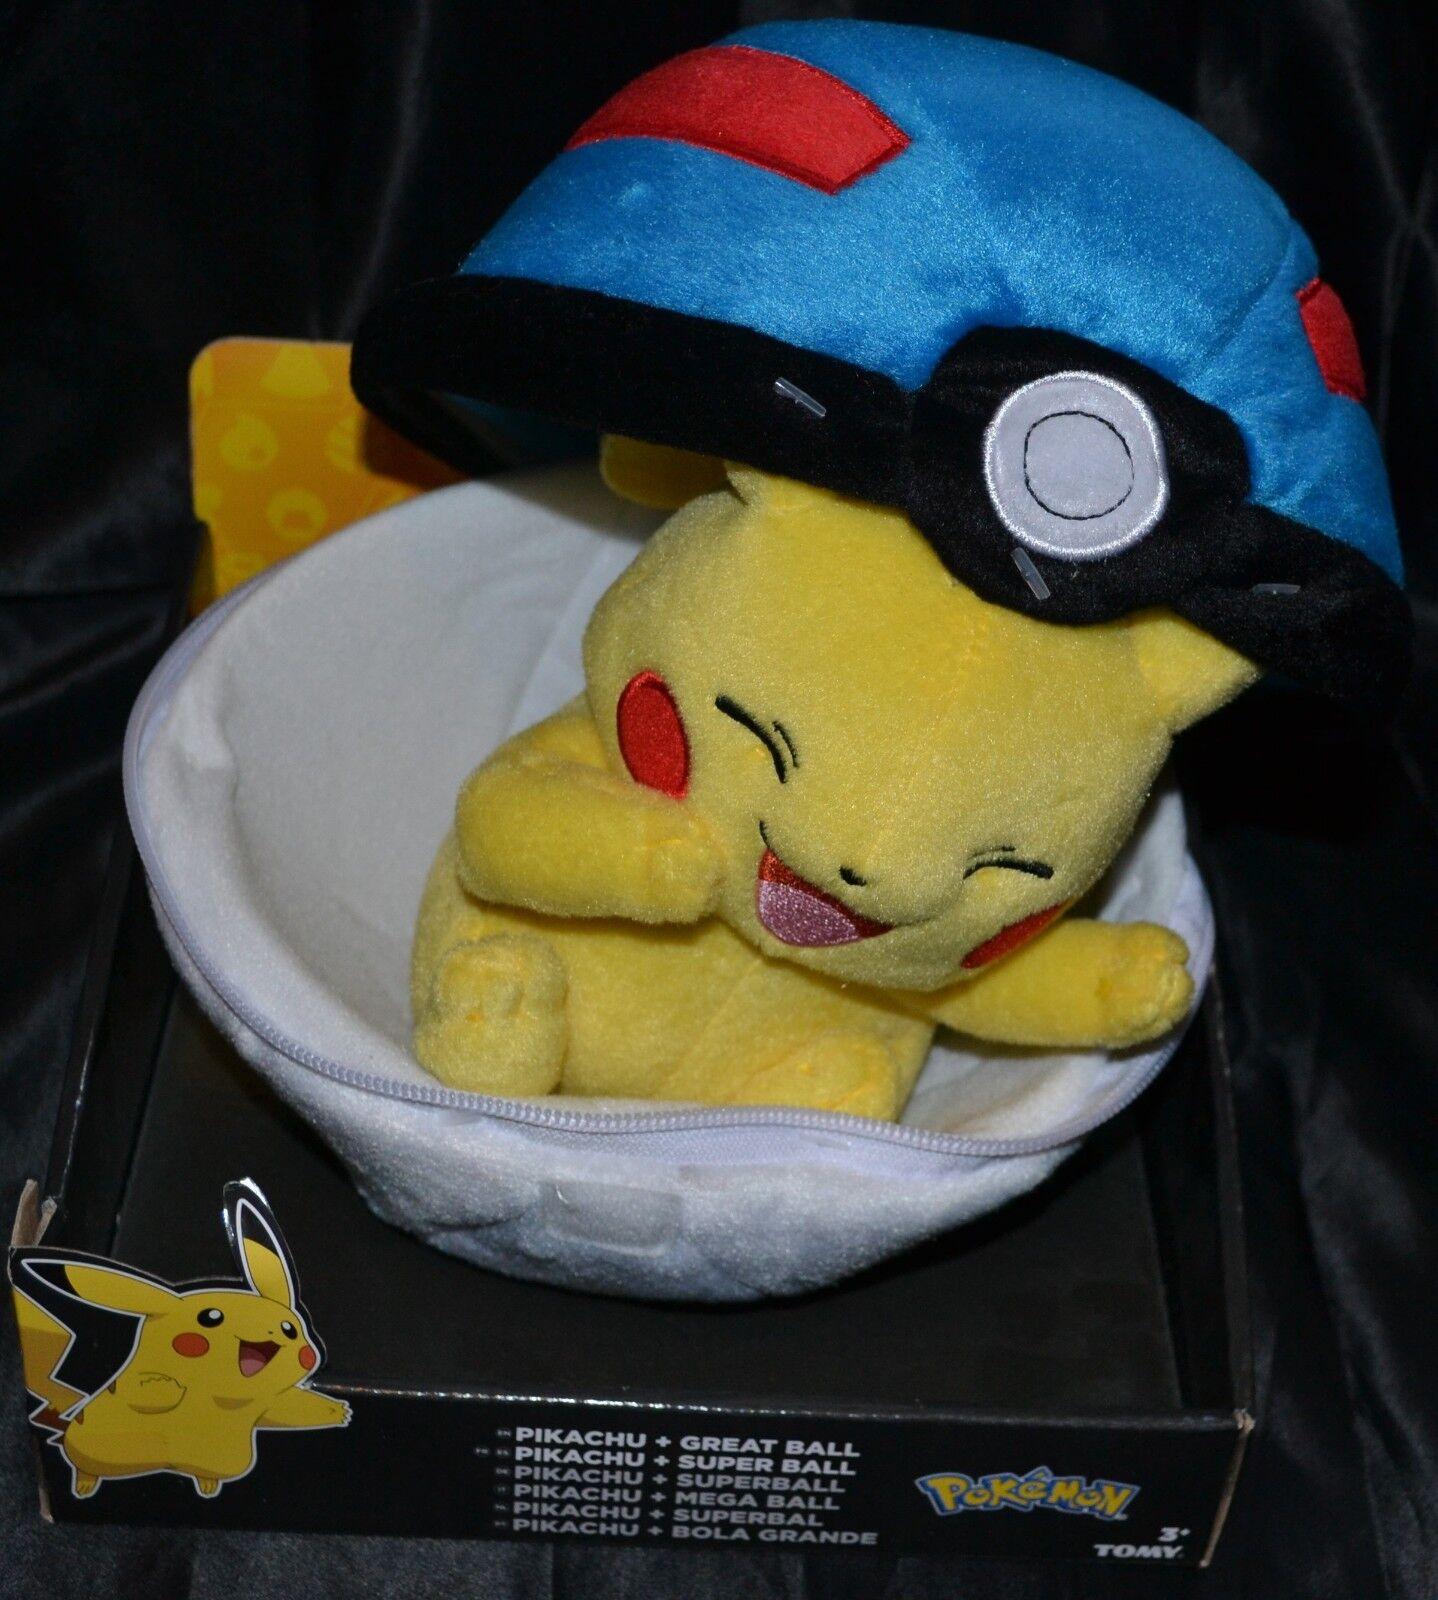 21.6cm Great Ball & Pikachu Pokemon Plüsch Puppen Spielsachen Original Offiziell